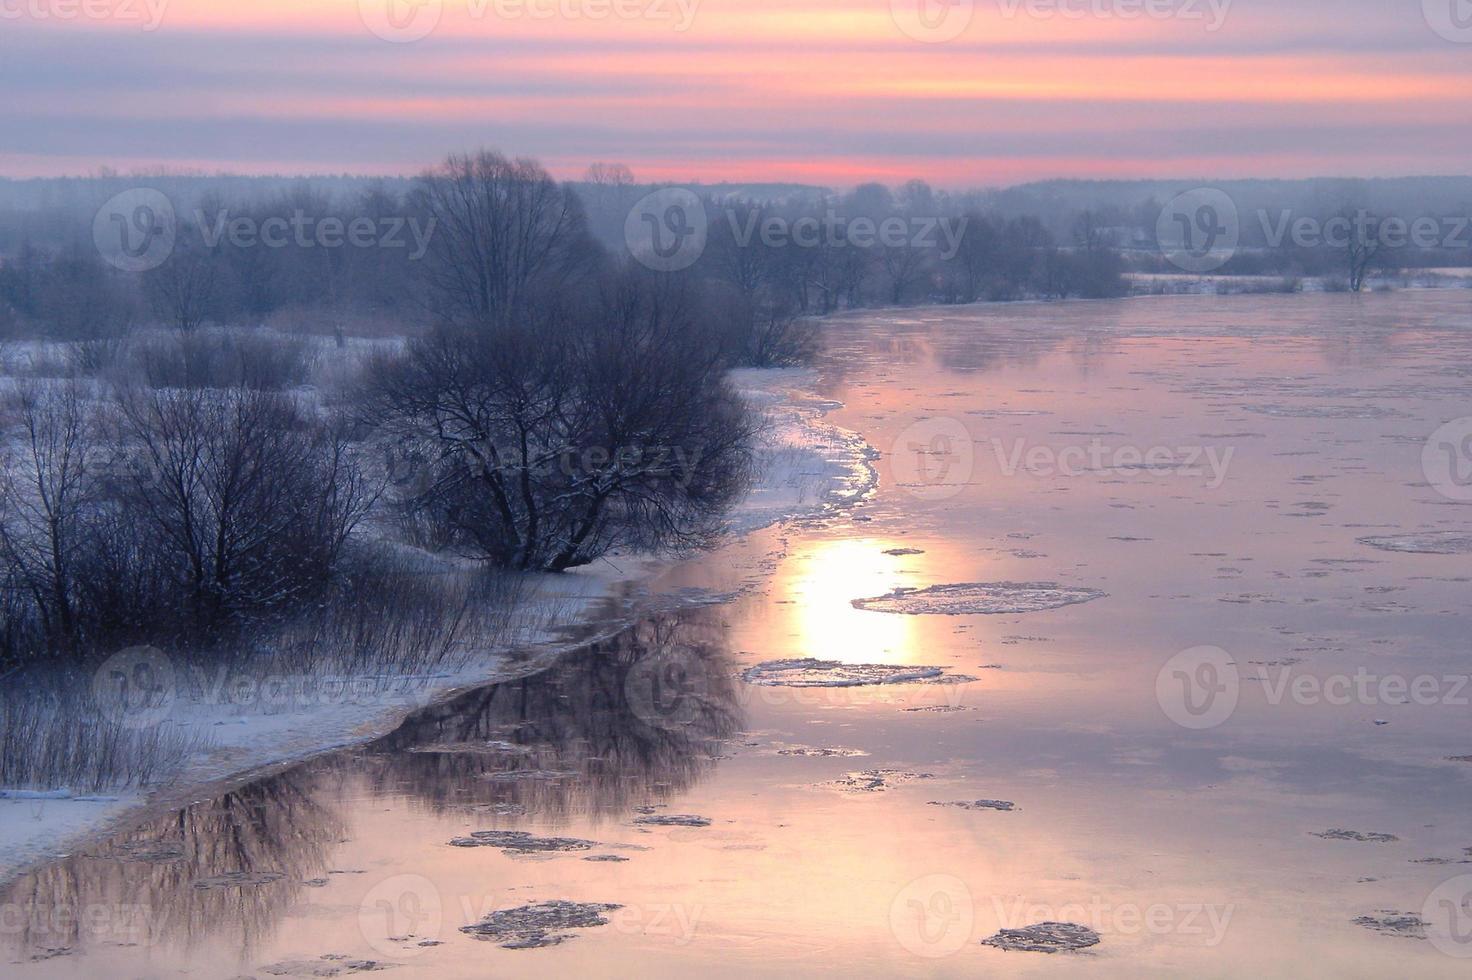 winterse zonsopgang op de rivier foto